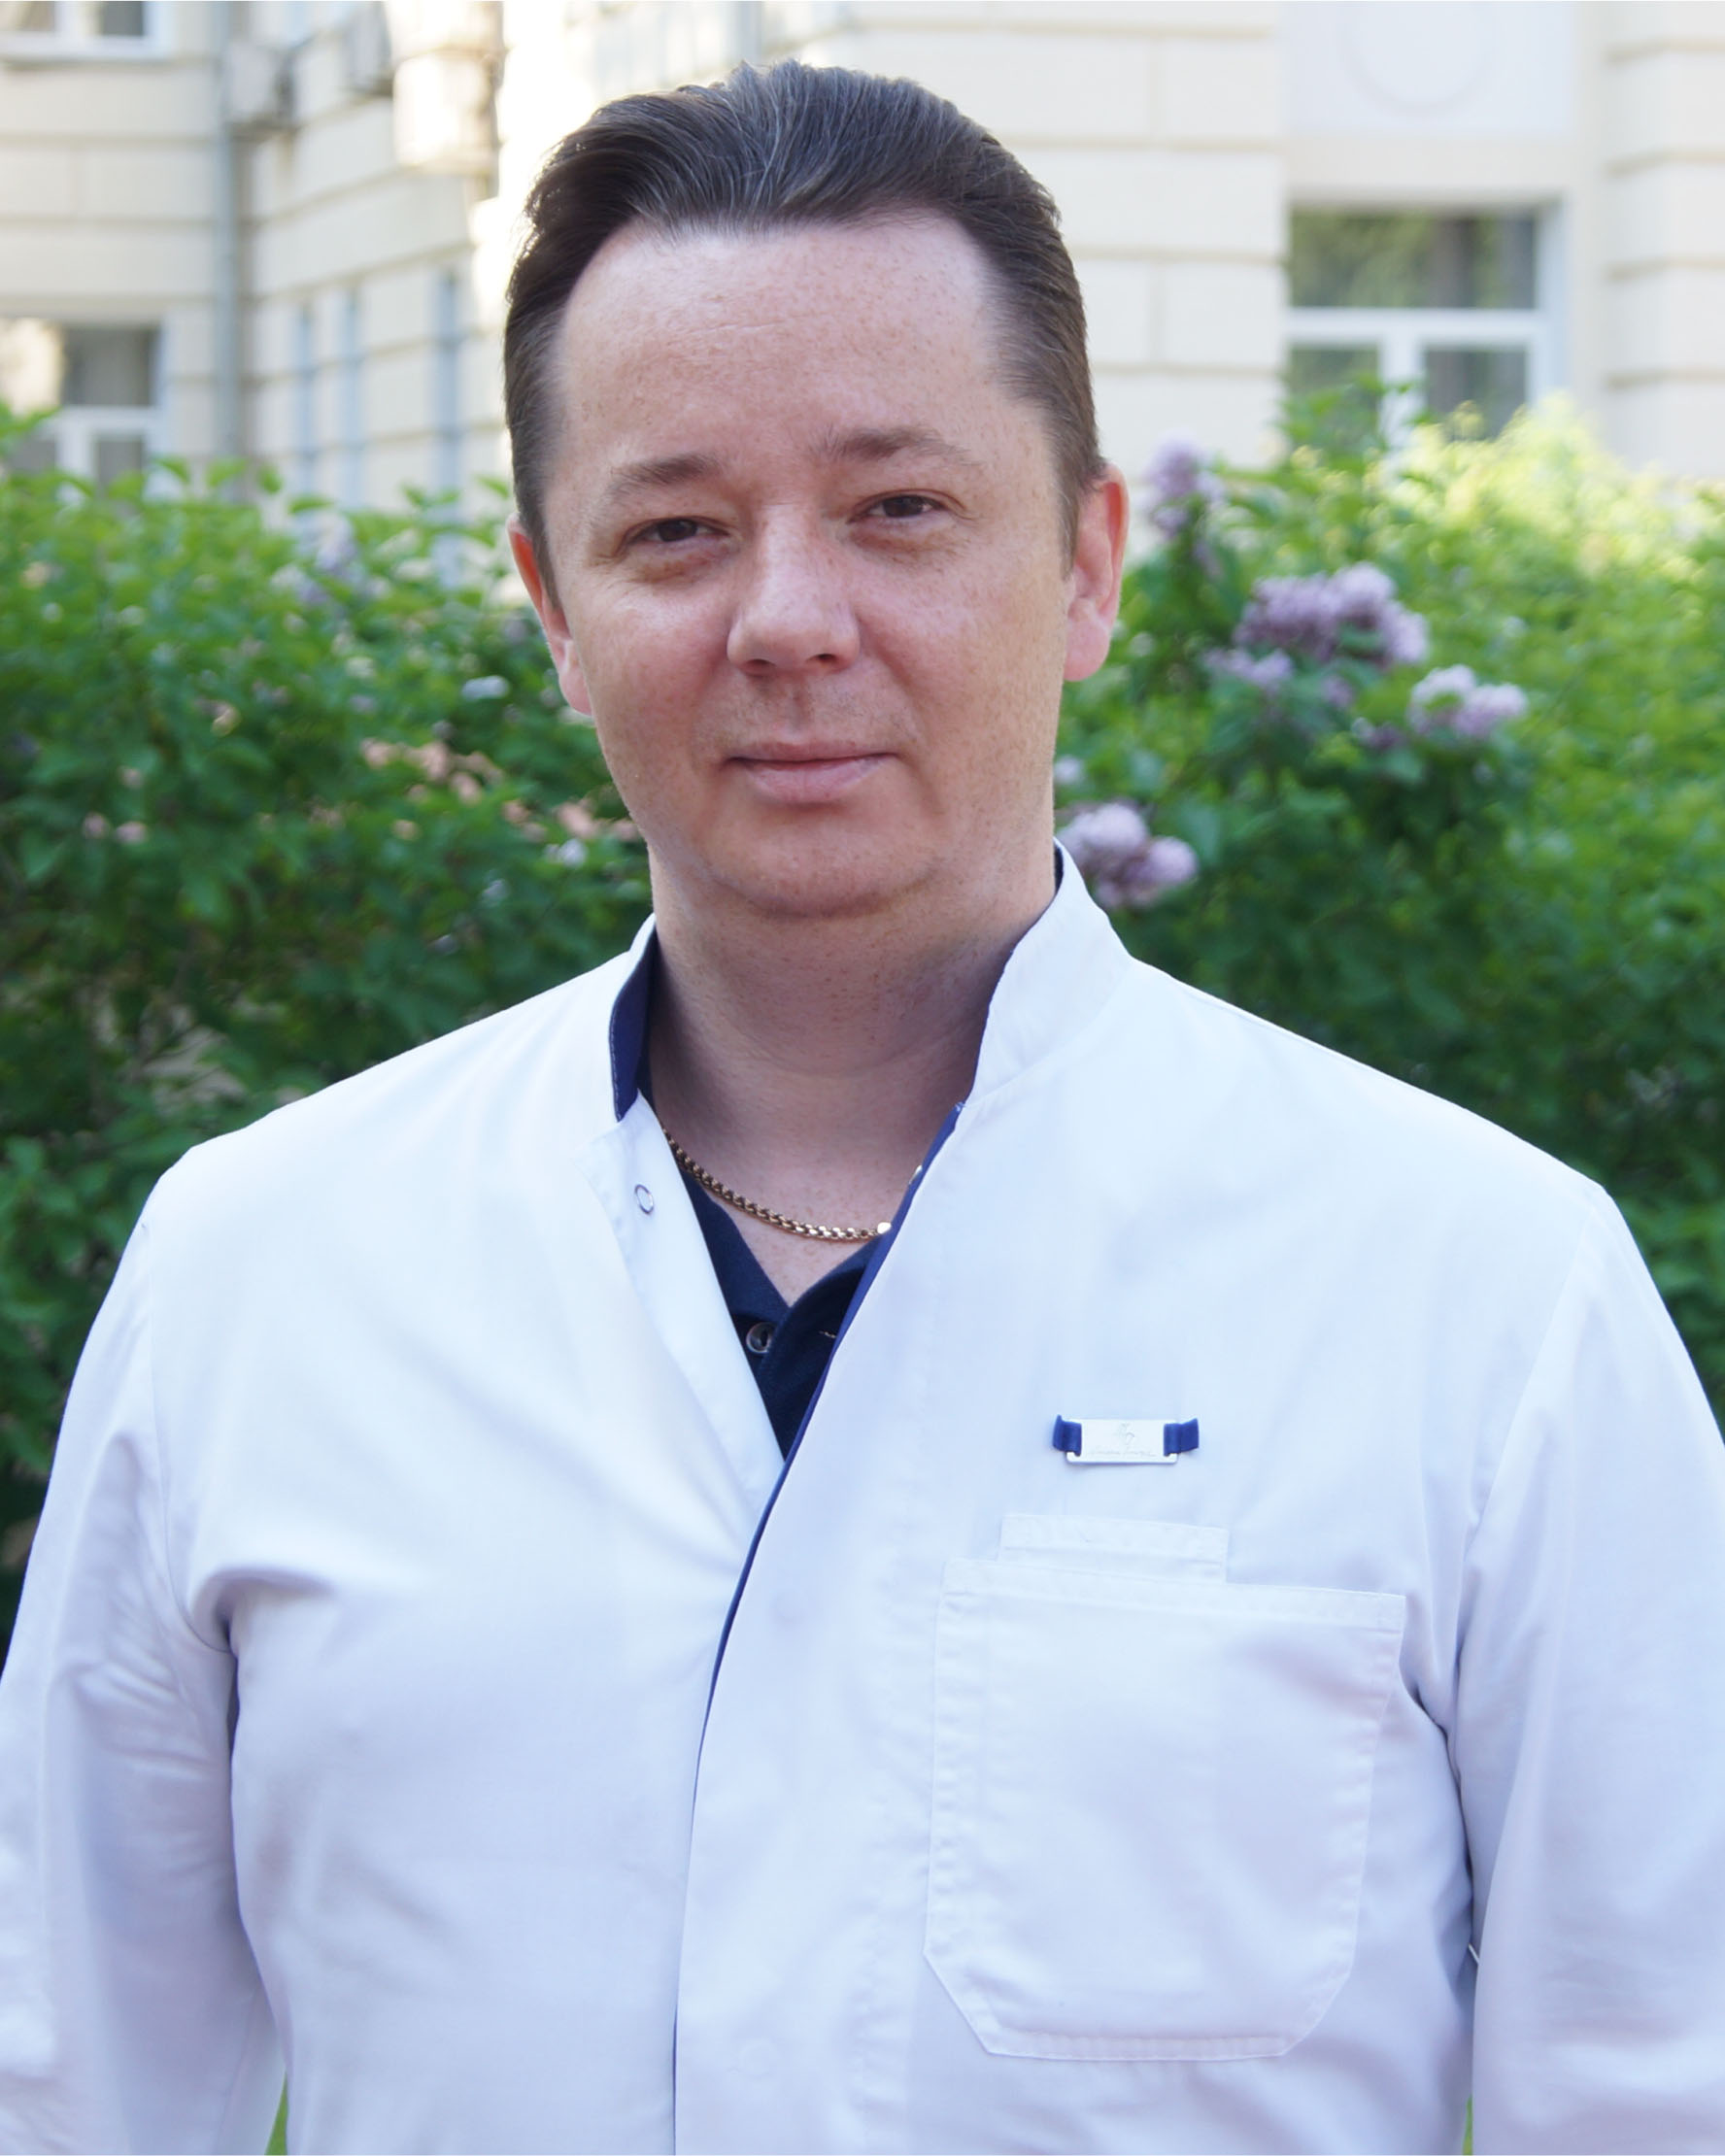 Файзрахманов Ринат Рустамович